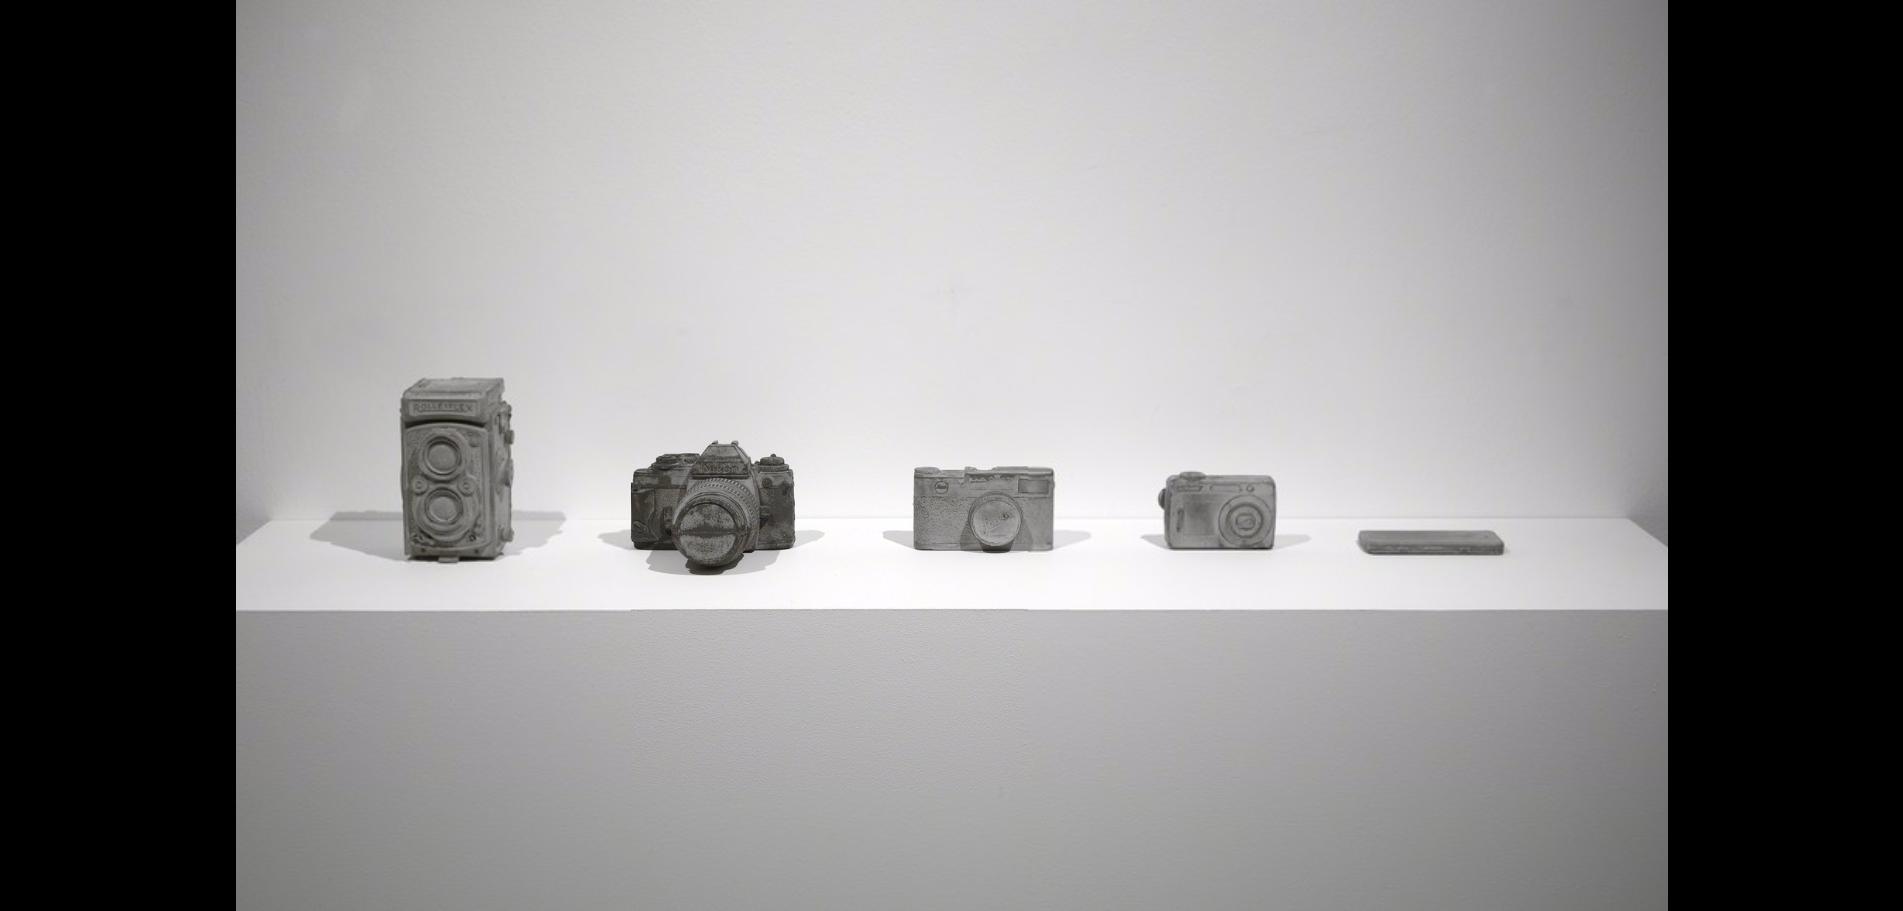 Fossilised, 2012